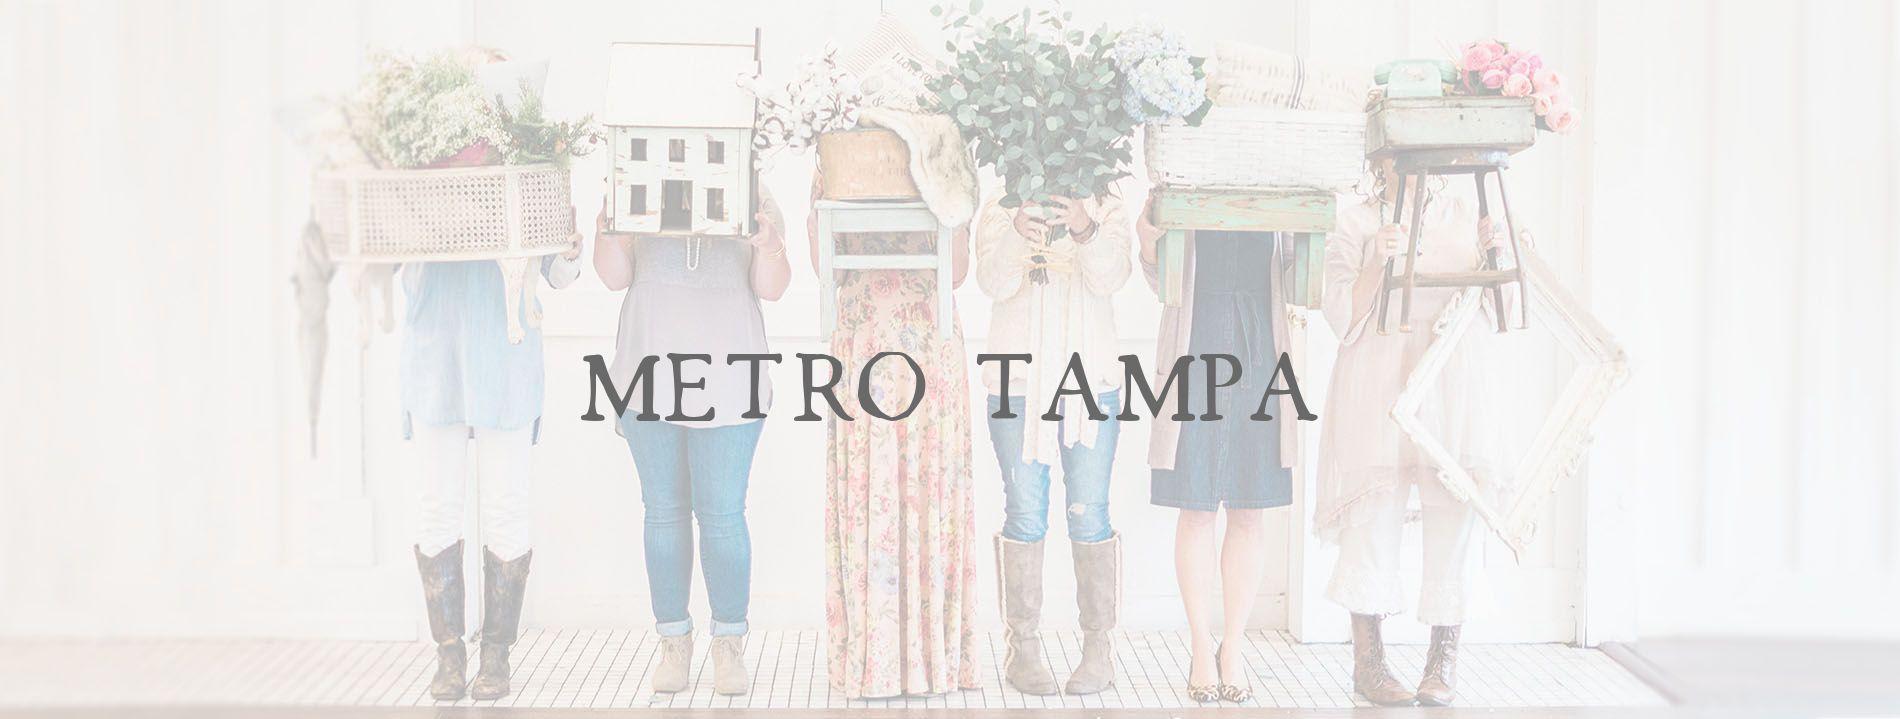 Metro Tampa